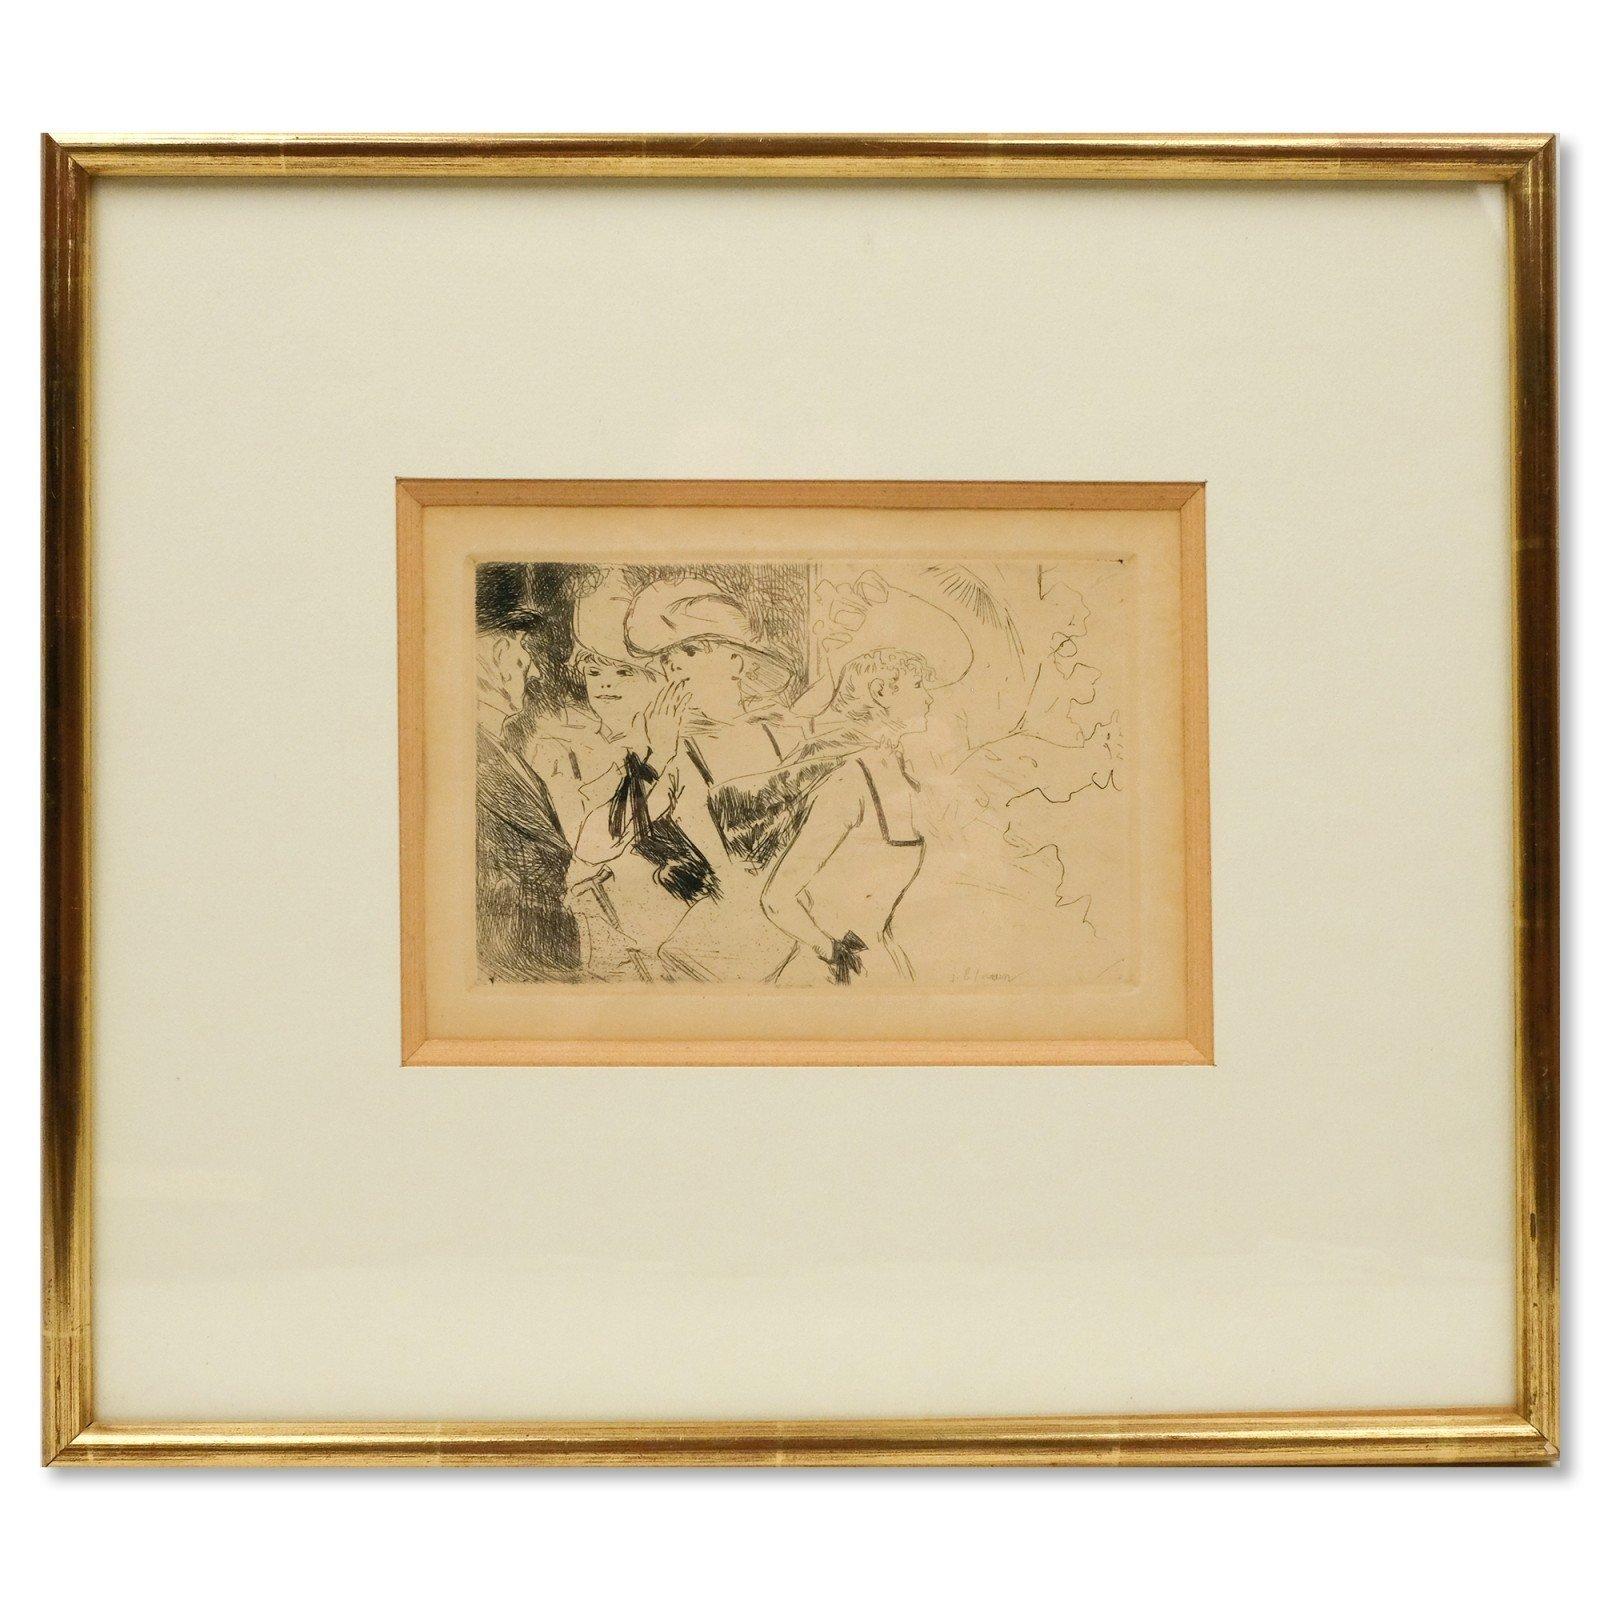 Jean-Louis Forain (1852-1931) - Les Folies Bergères